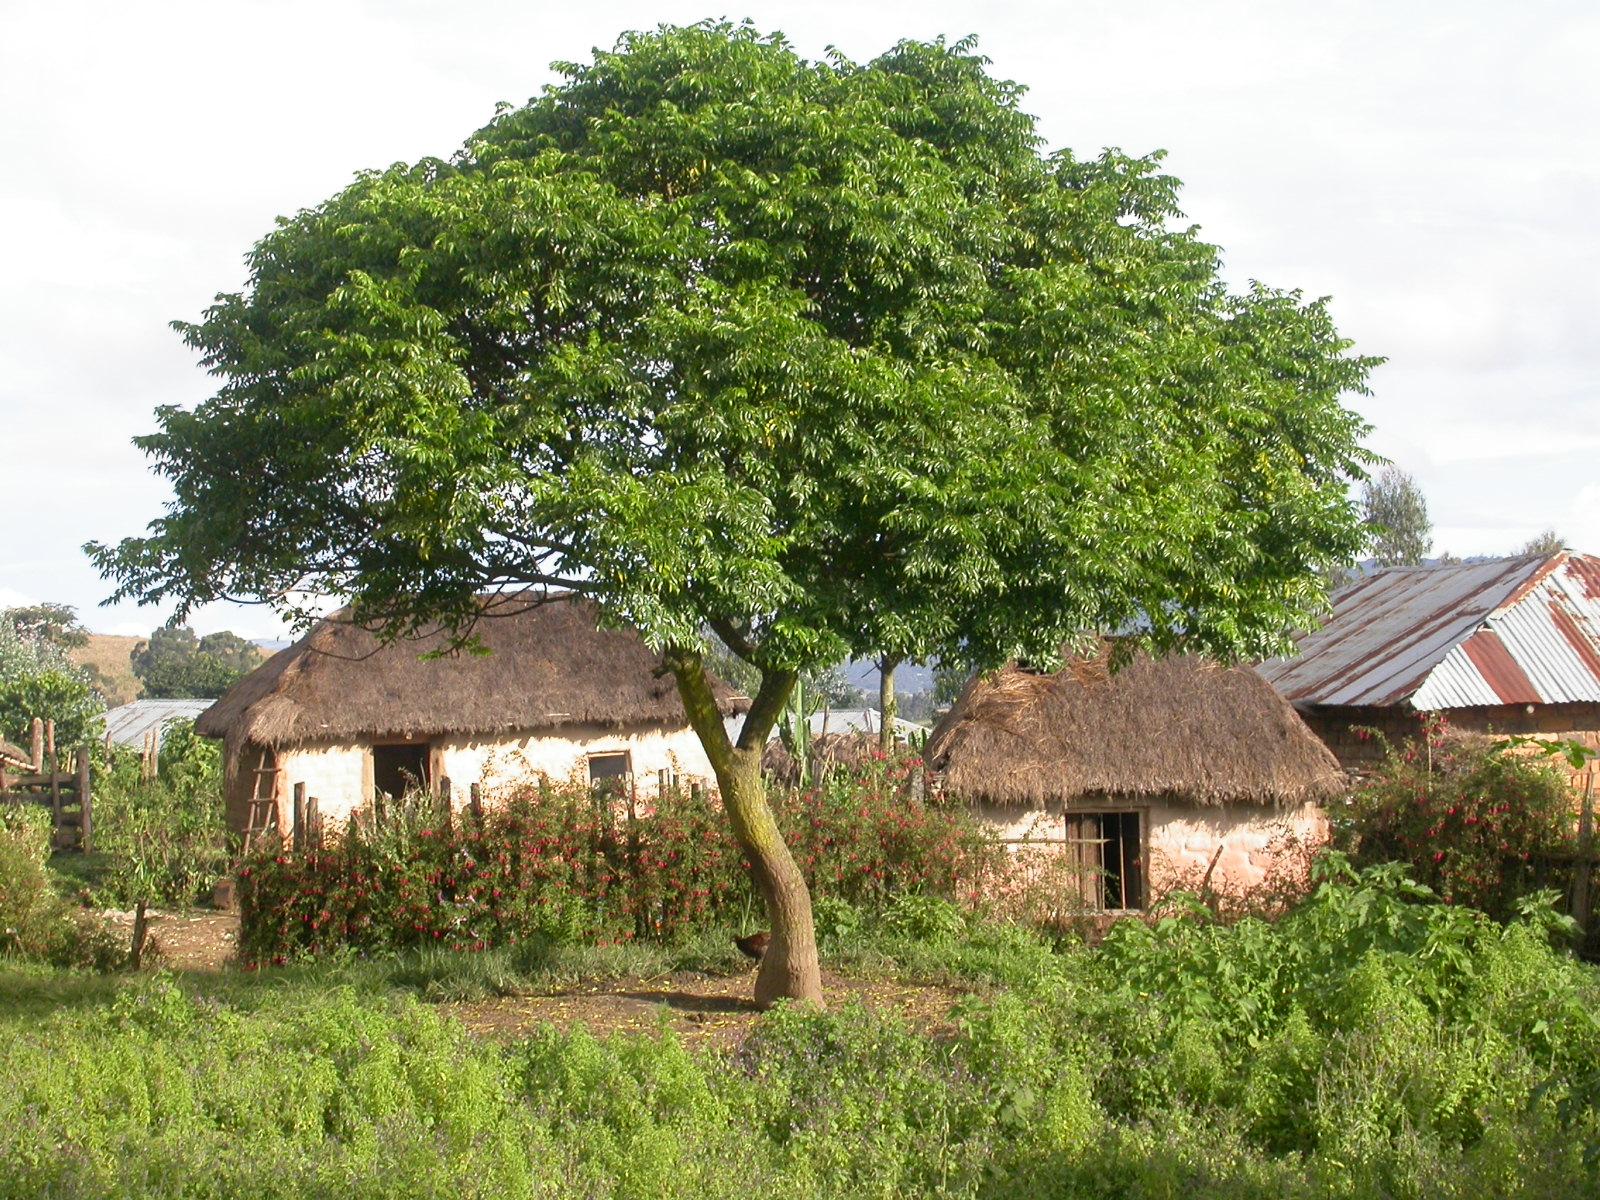 La Melia es un árbol caducifolio